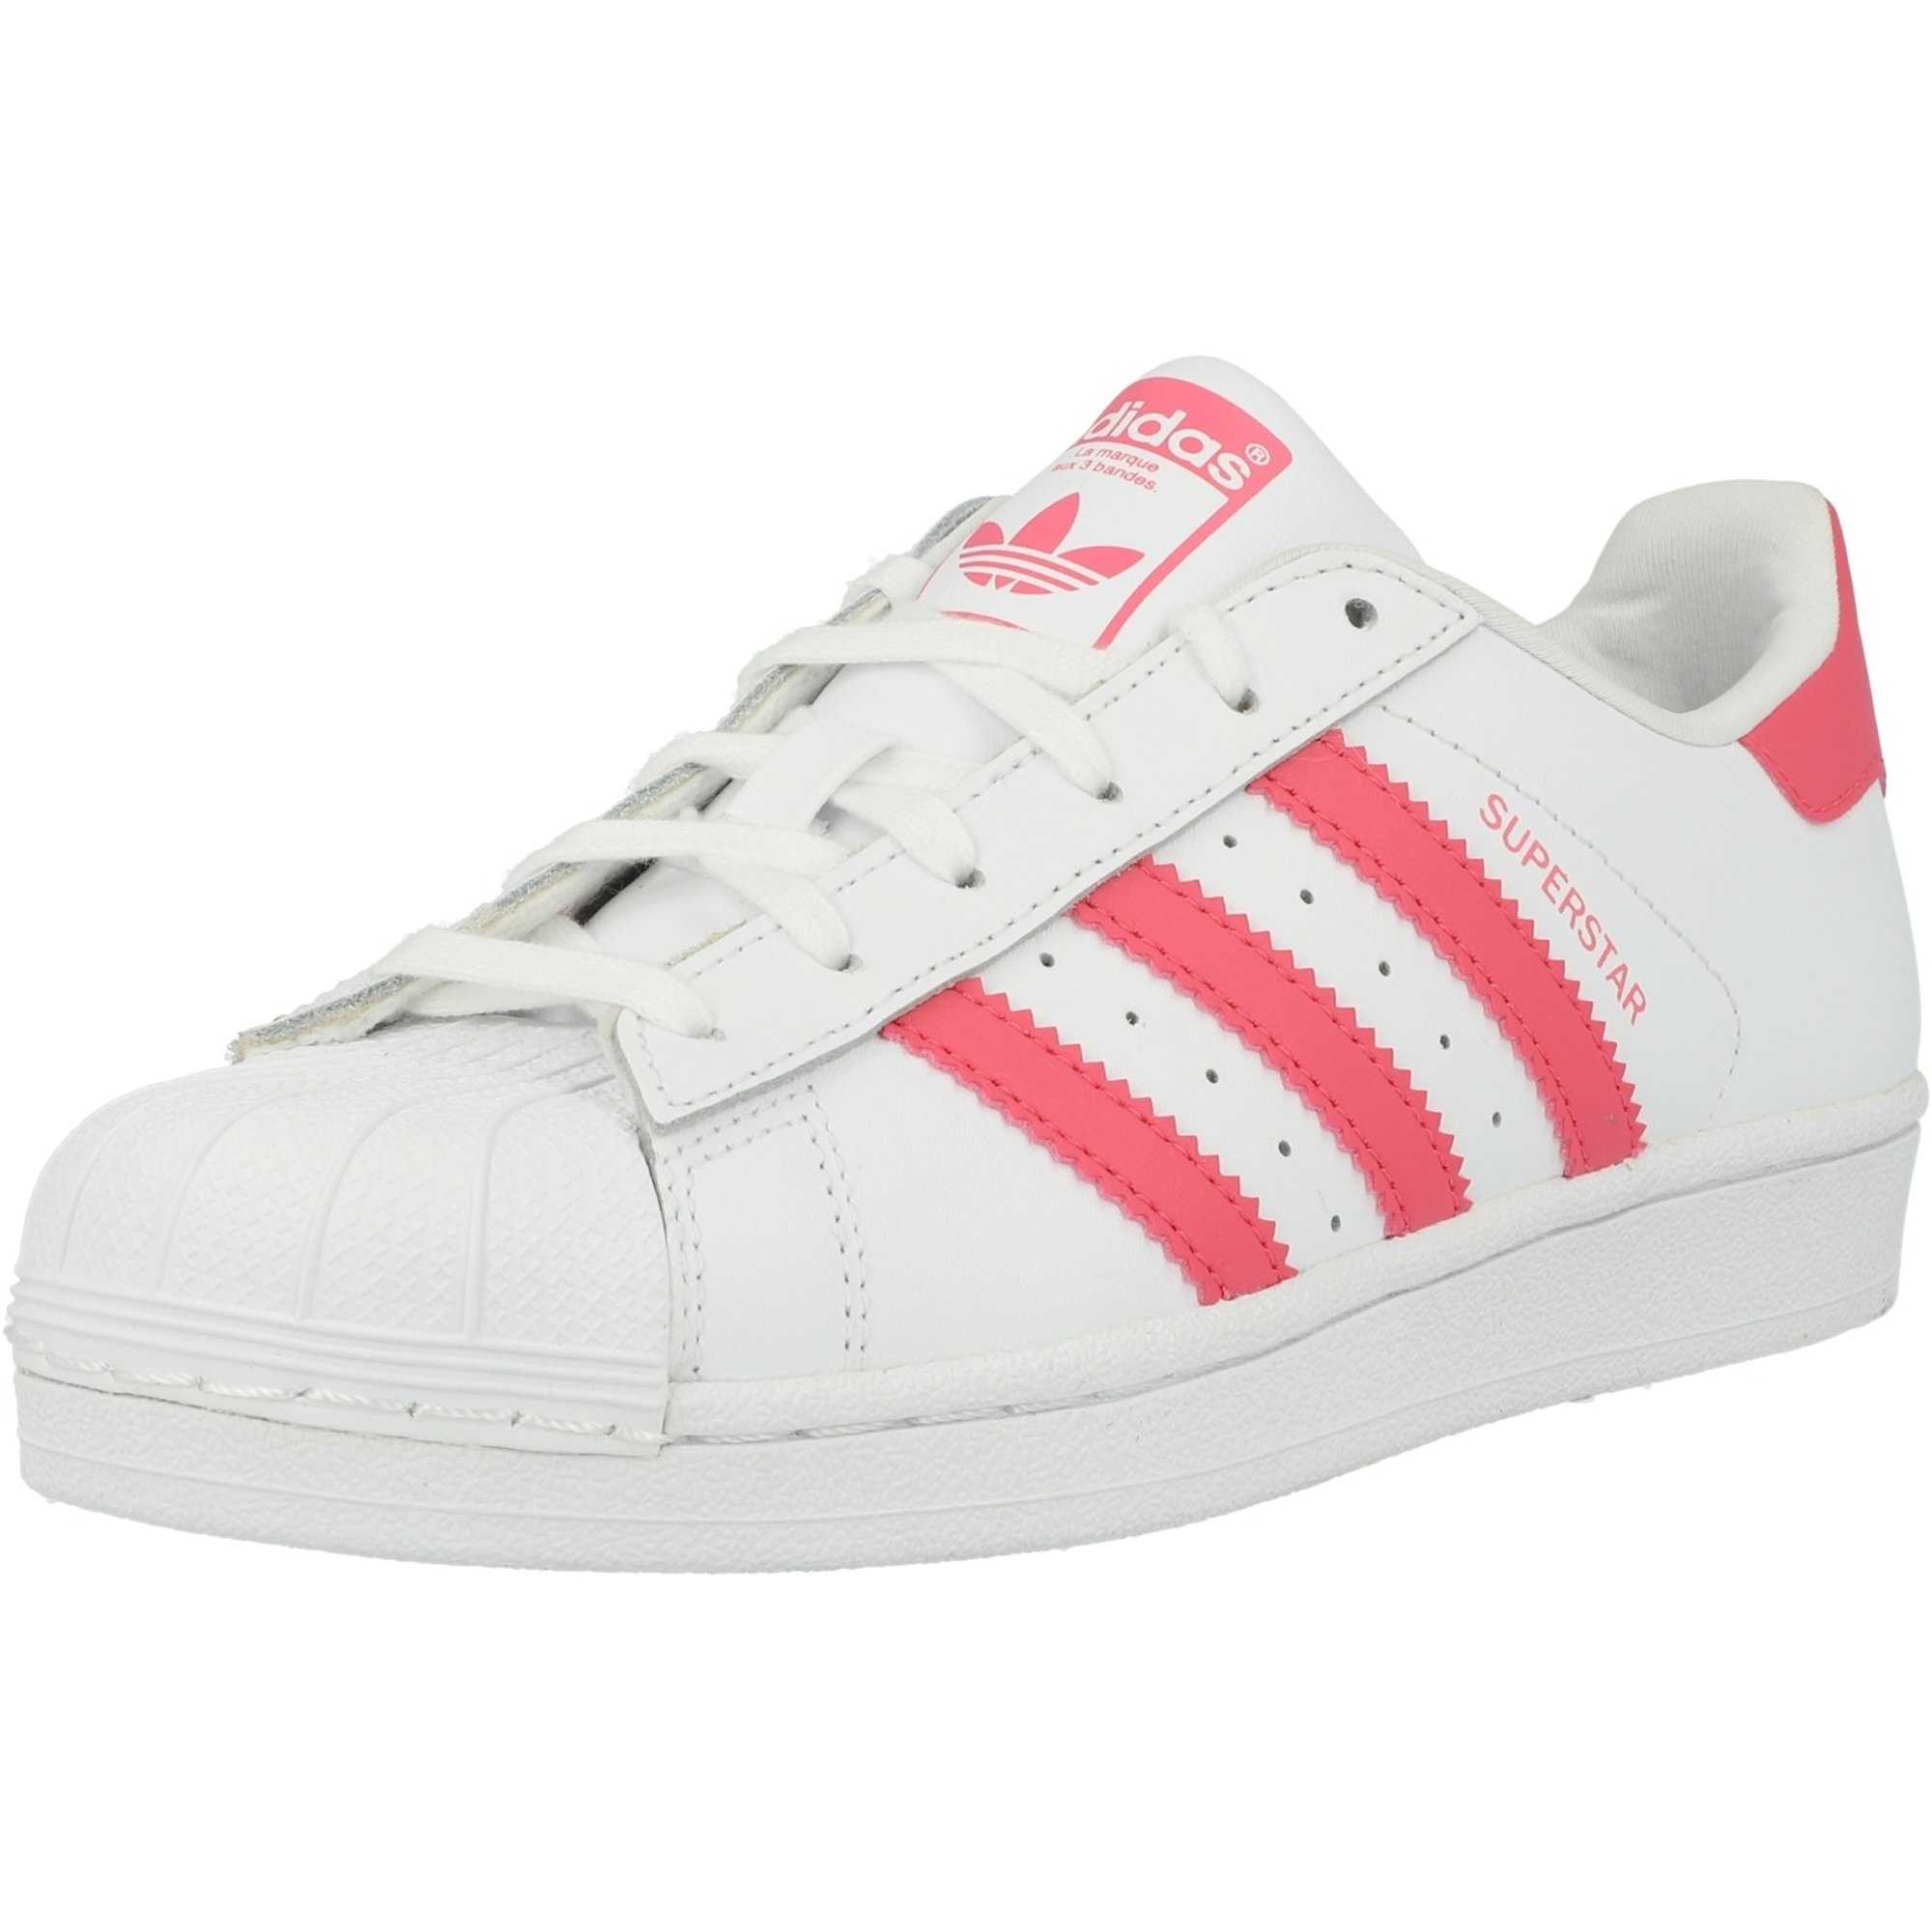 LOOK ROSA ADIDAS | Wanna Sneakers, tienda de zapatillas